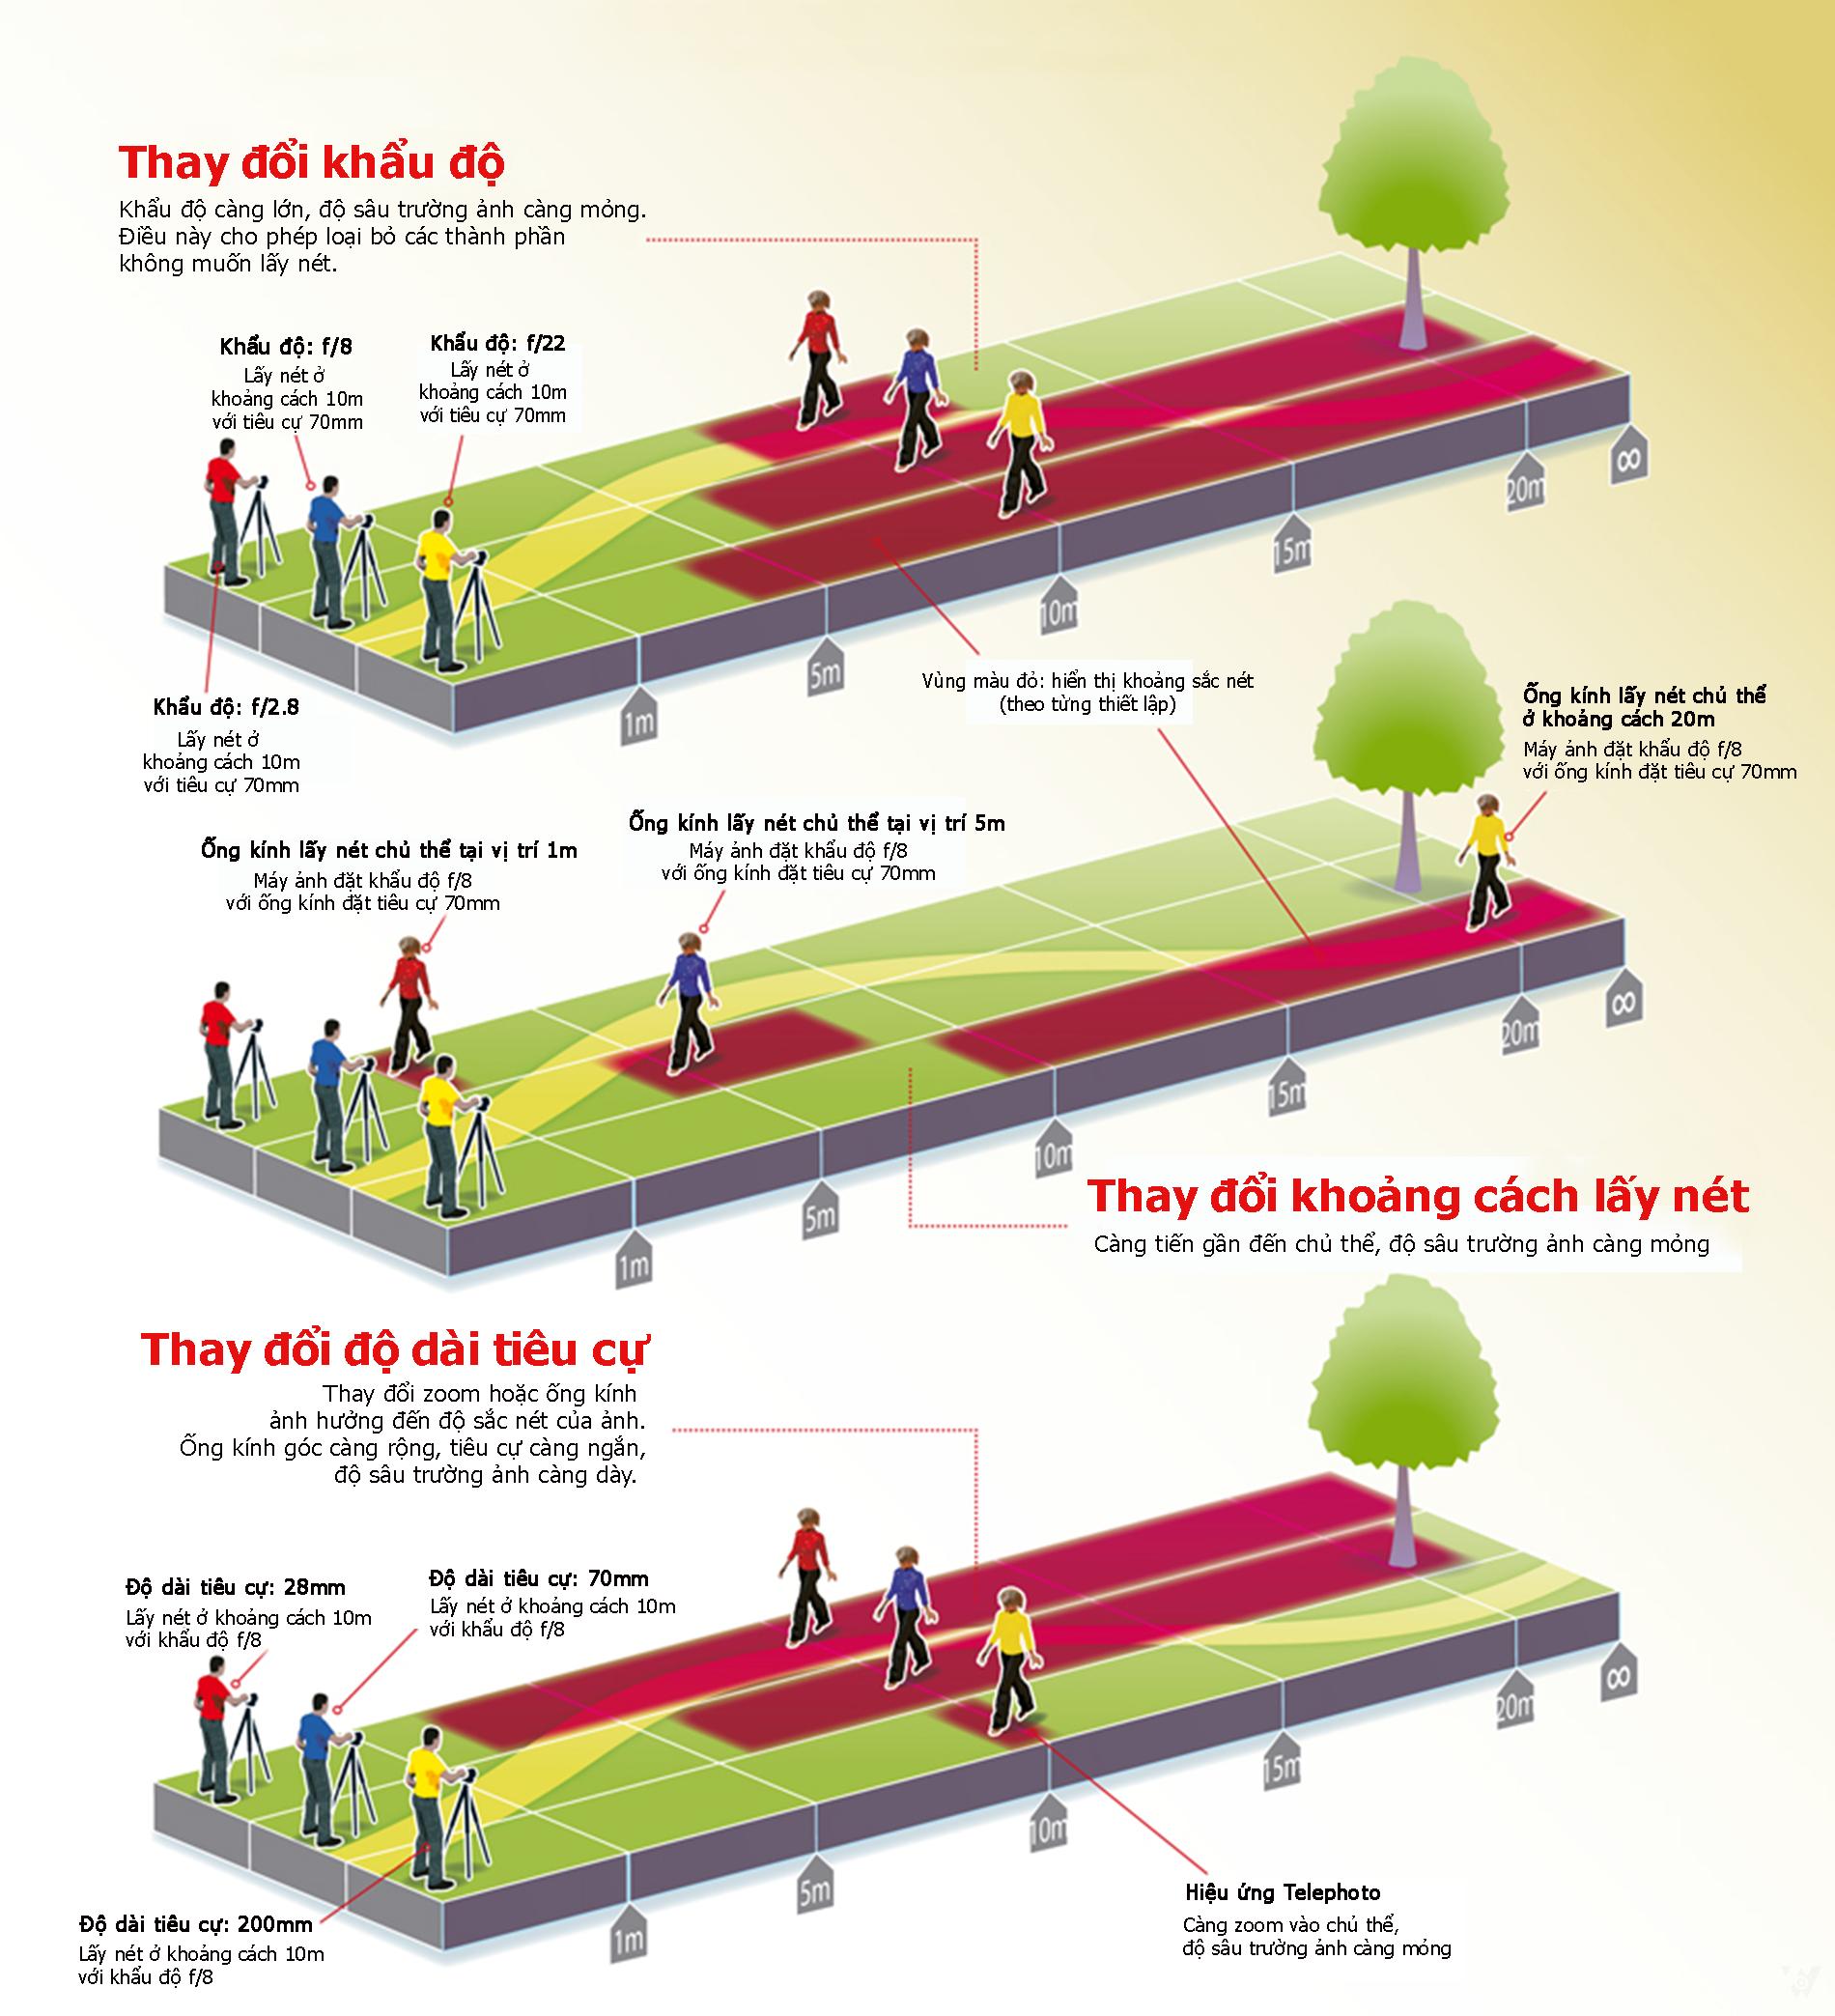 [Infographic] 3 yếu tố tác động mạnh đến độ sâu trường của hình ảnh